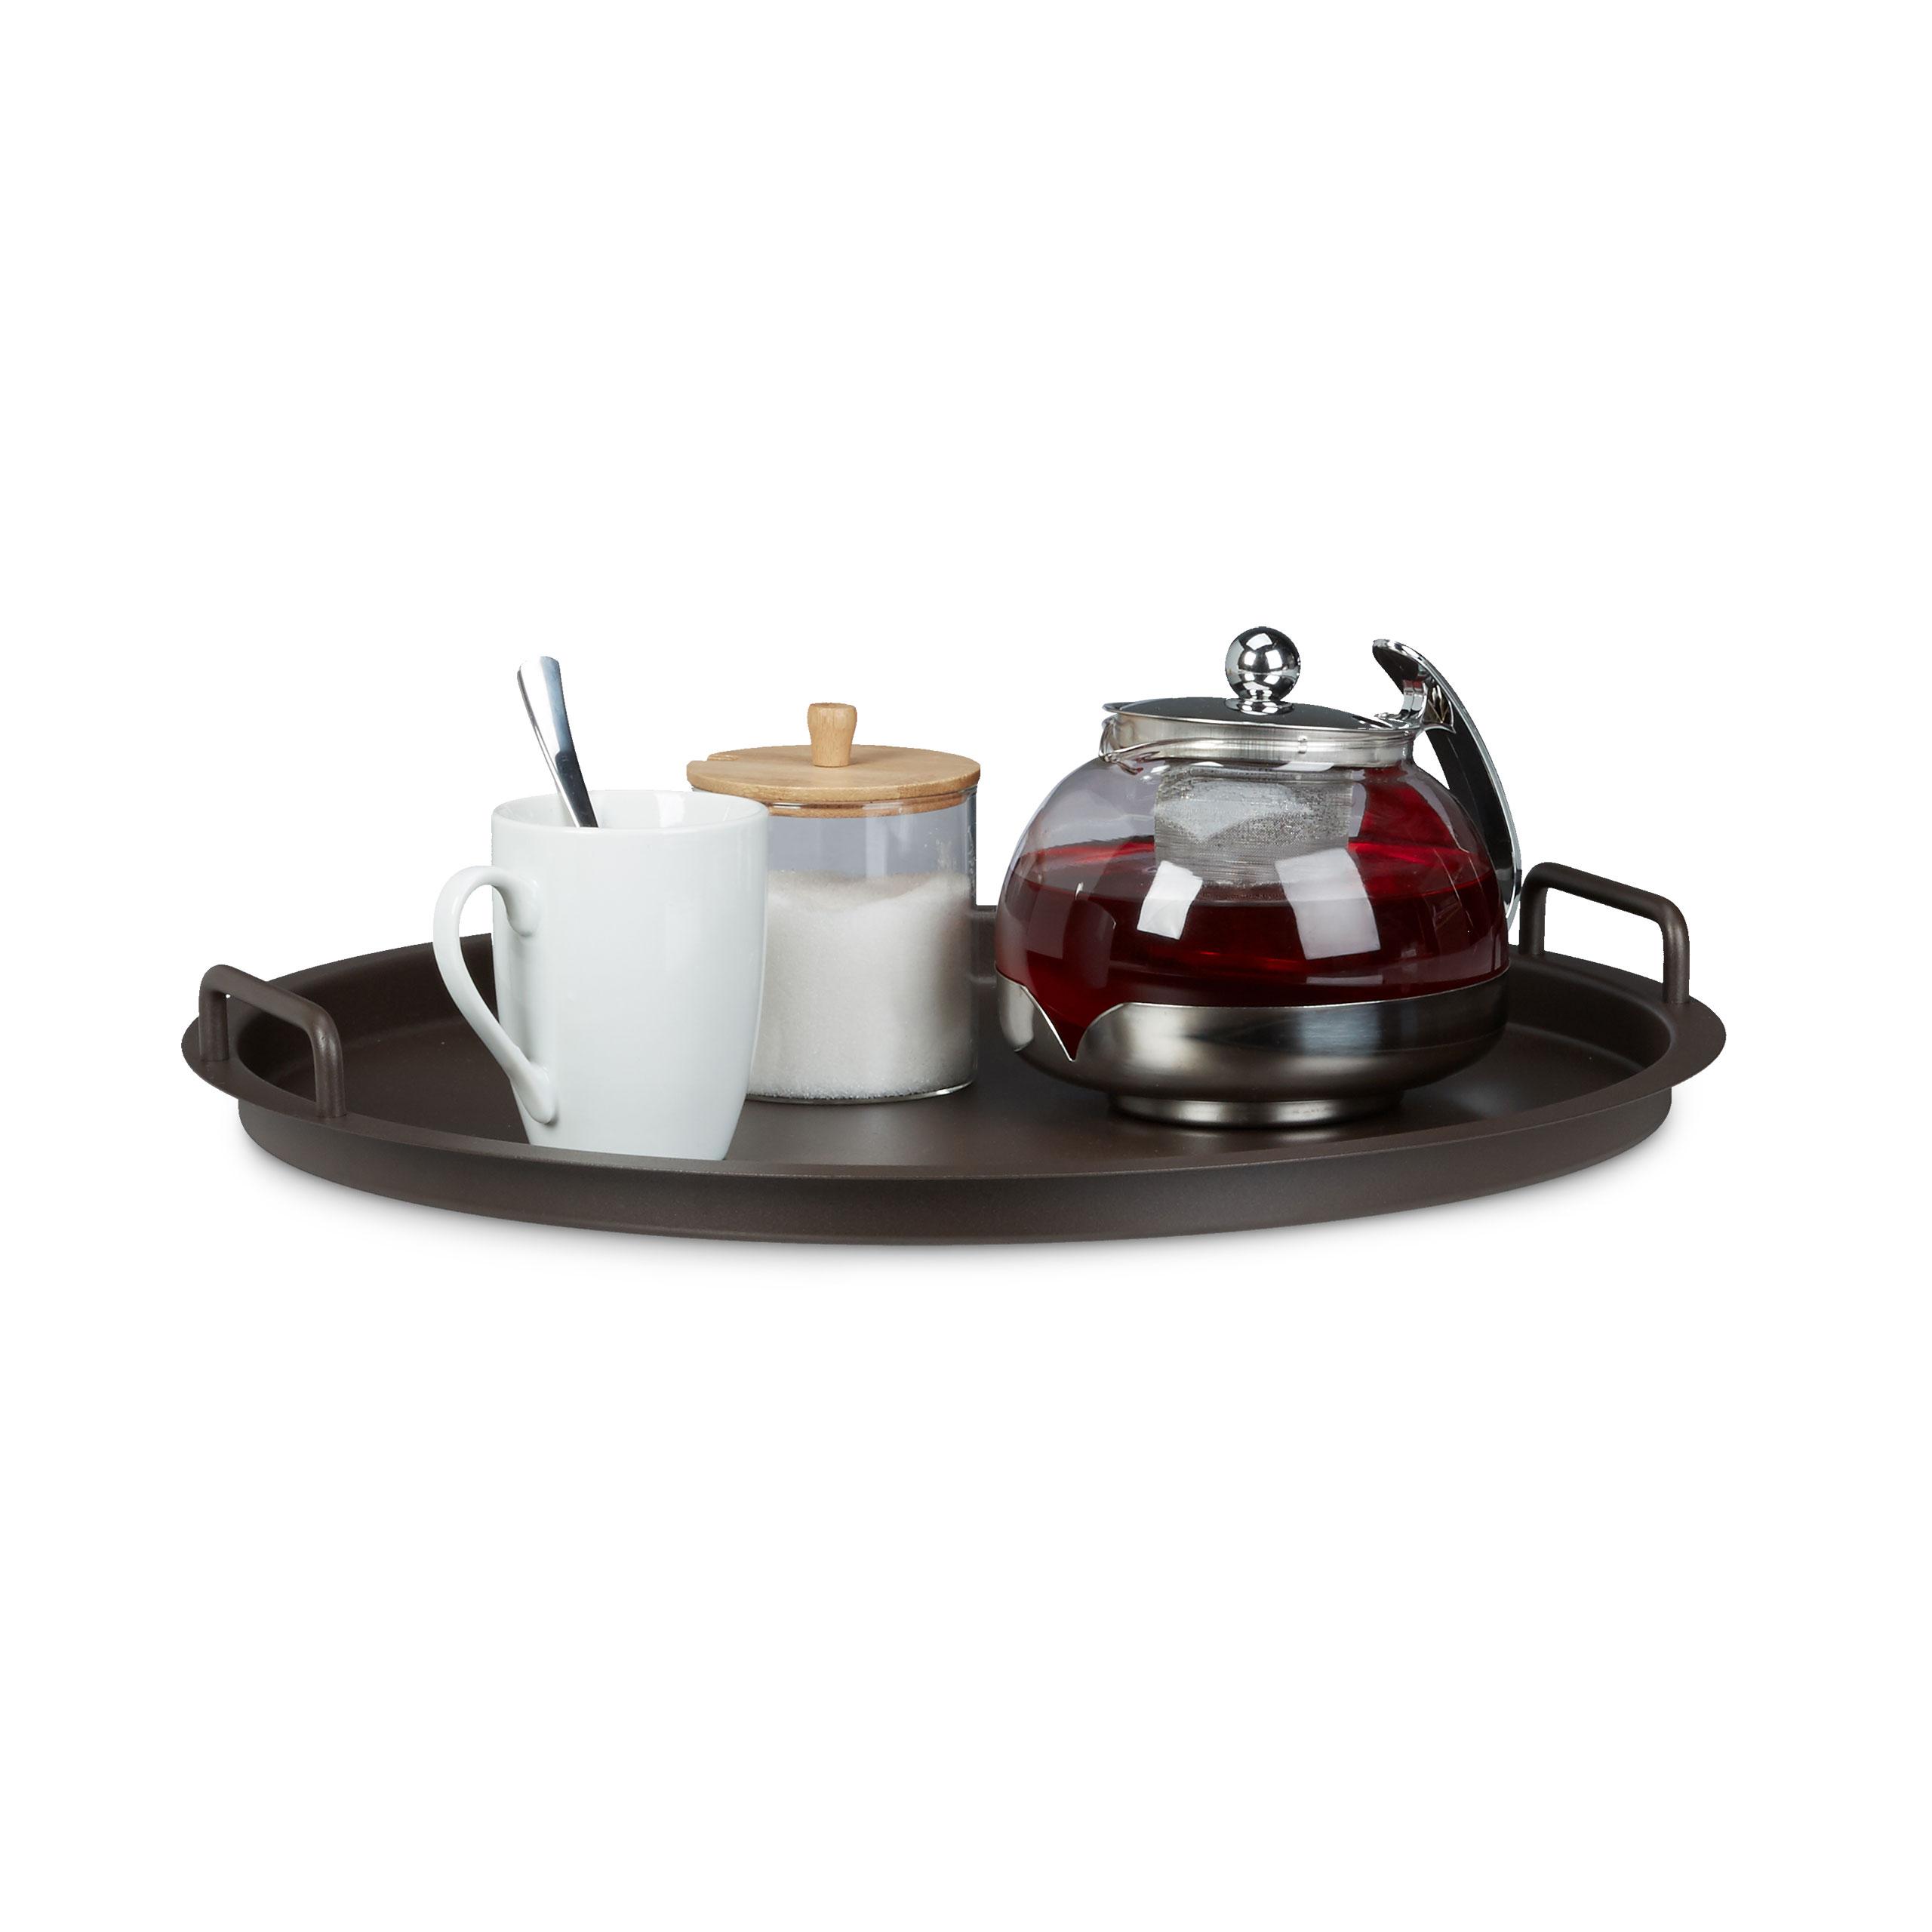 TAVOLINO in metallo con vassoio tablettisch tavolo pieghevole tavolo tavolo da balcone